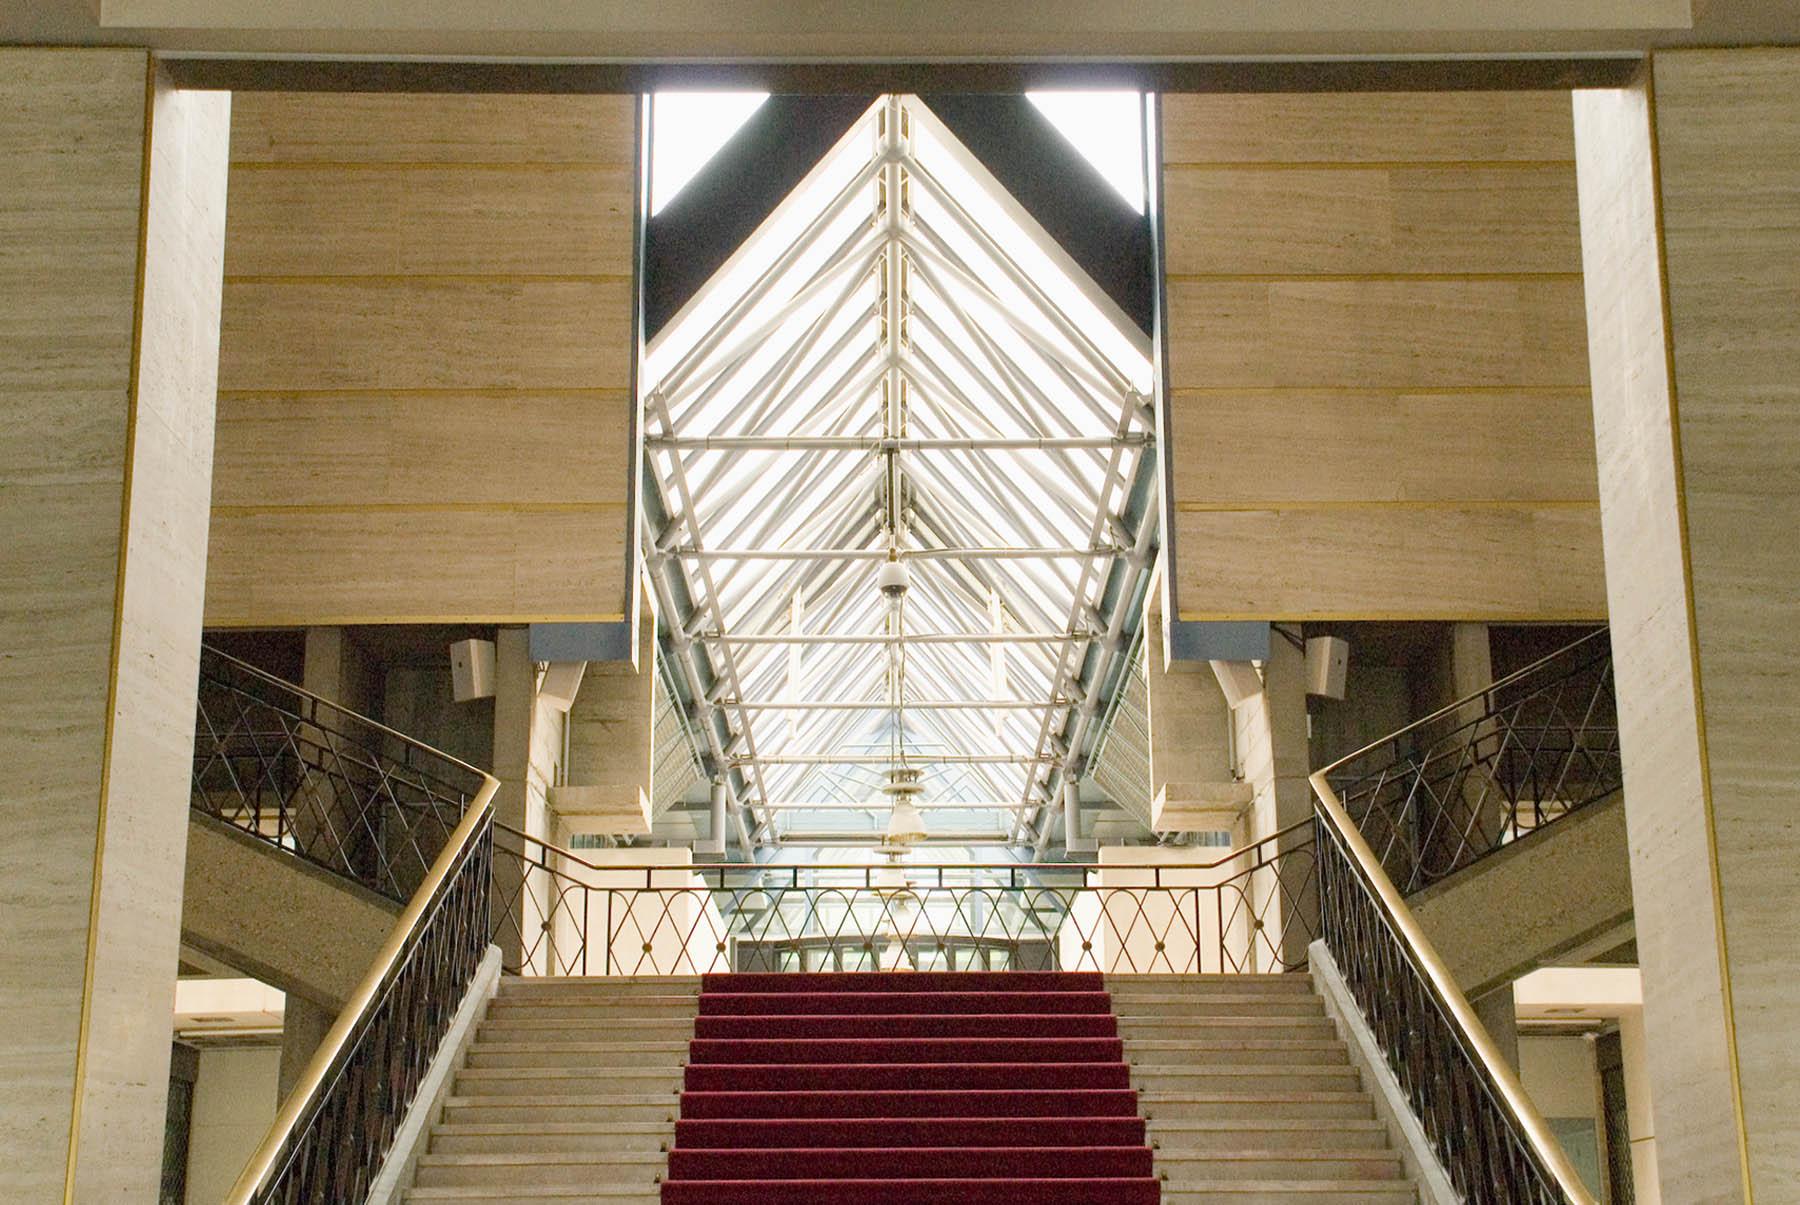 Le b ton le havre frankreich the link stadt land for Architektur 80er jahre